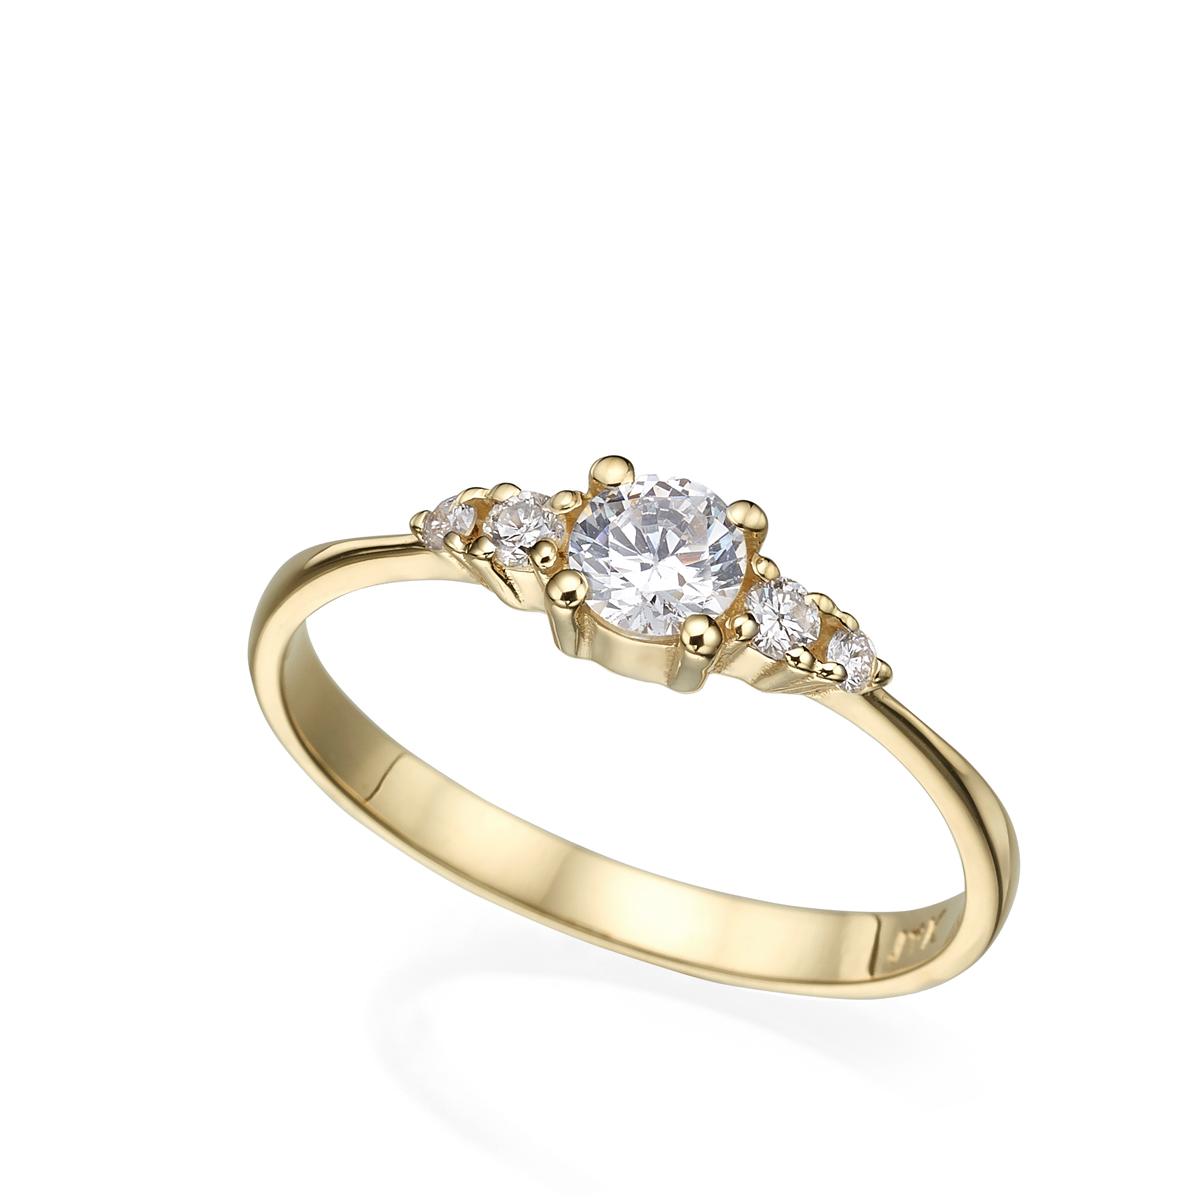 טבעת אירוסין עדינה ומיוחדת